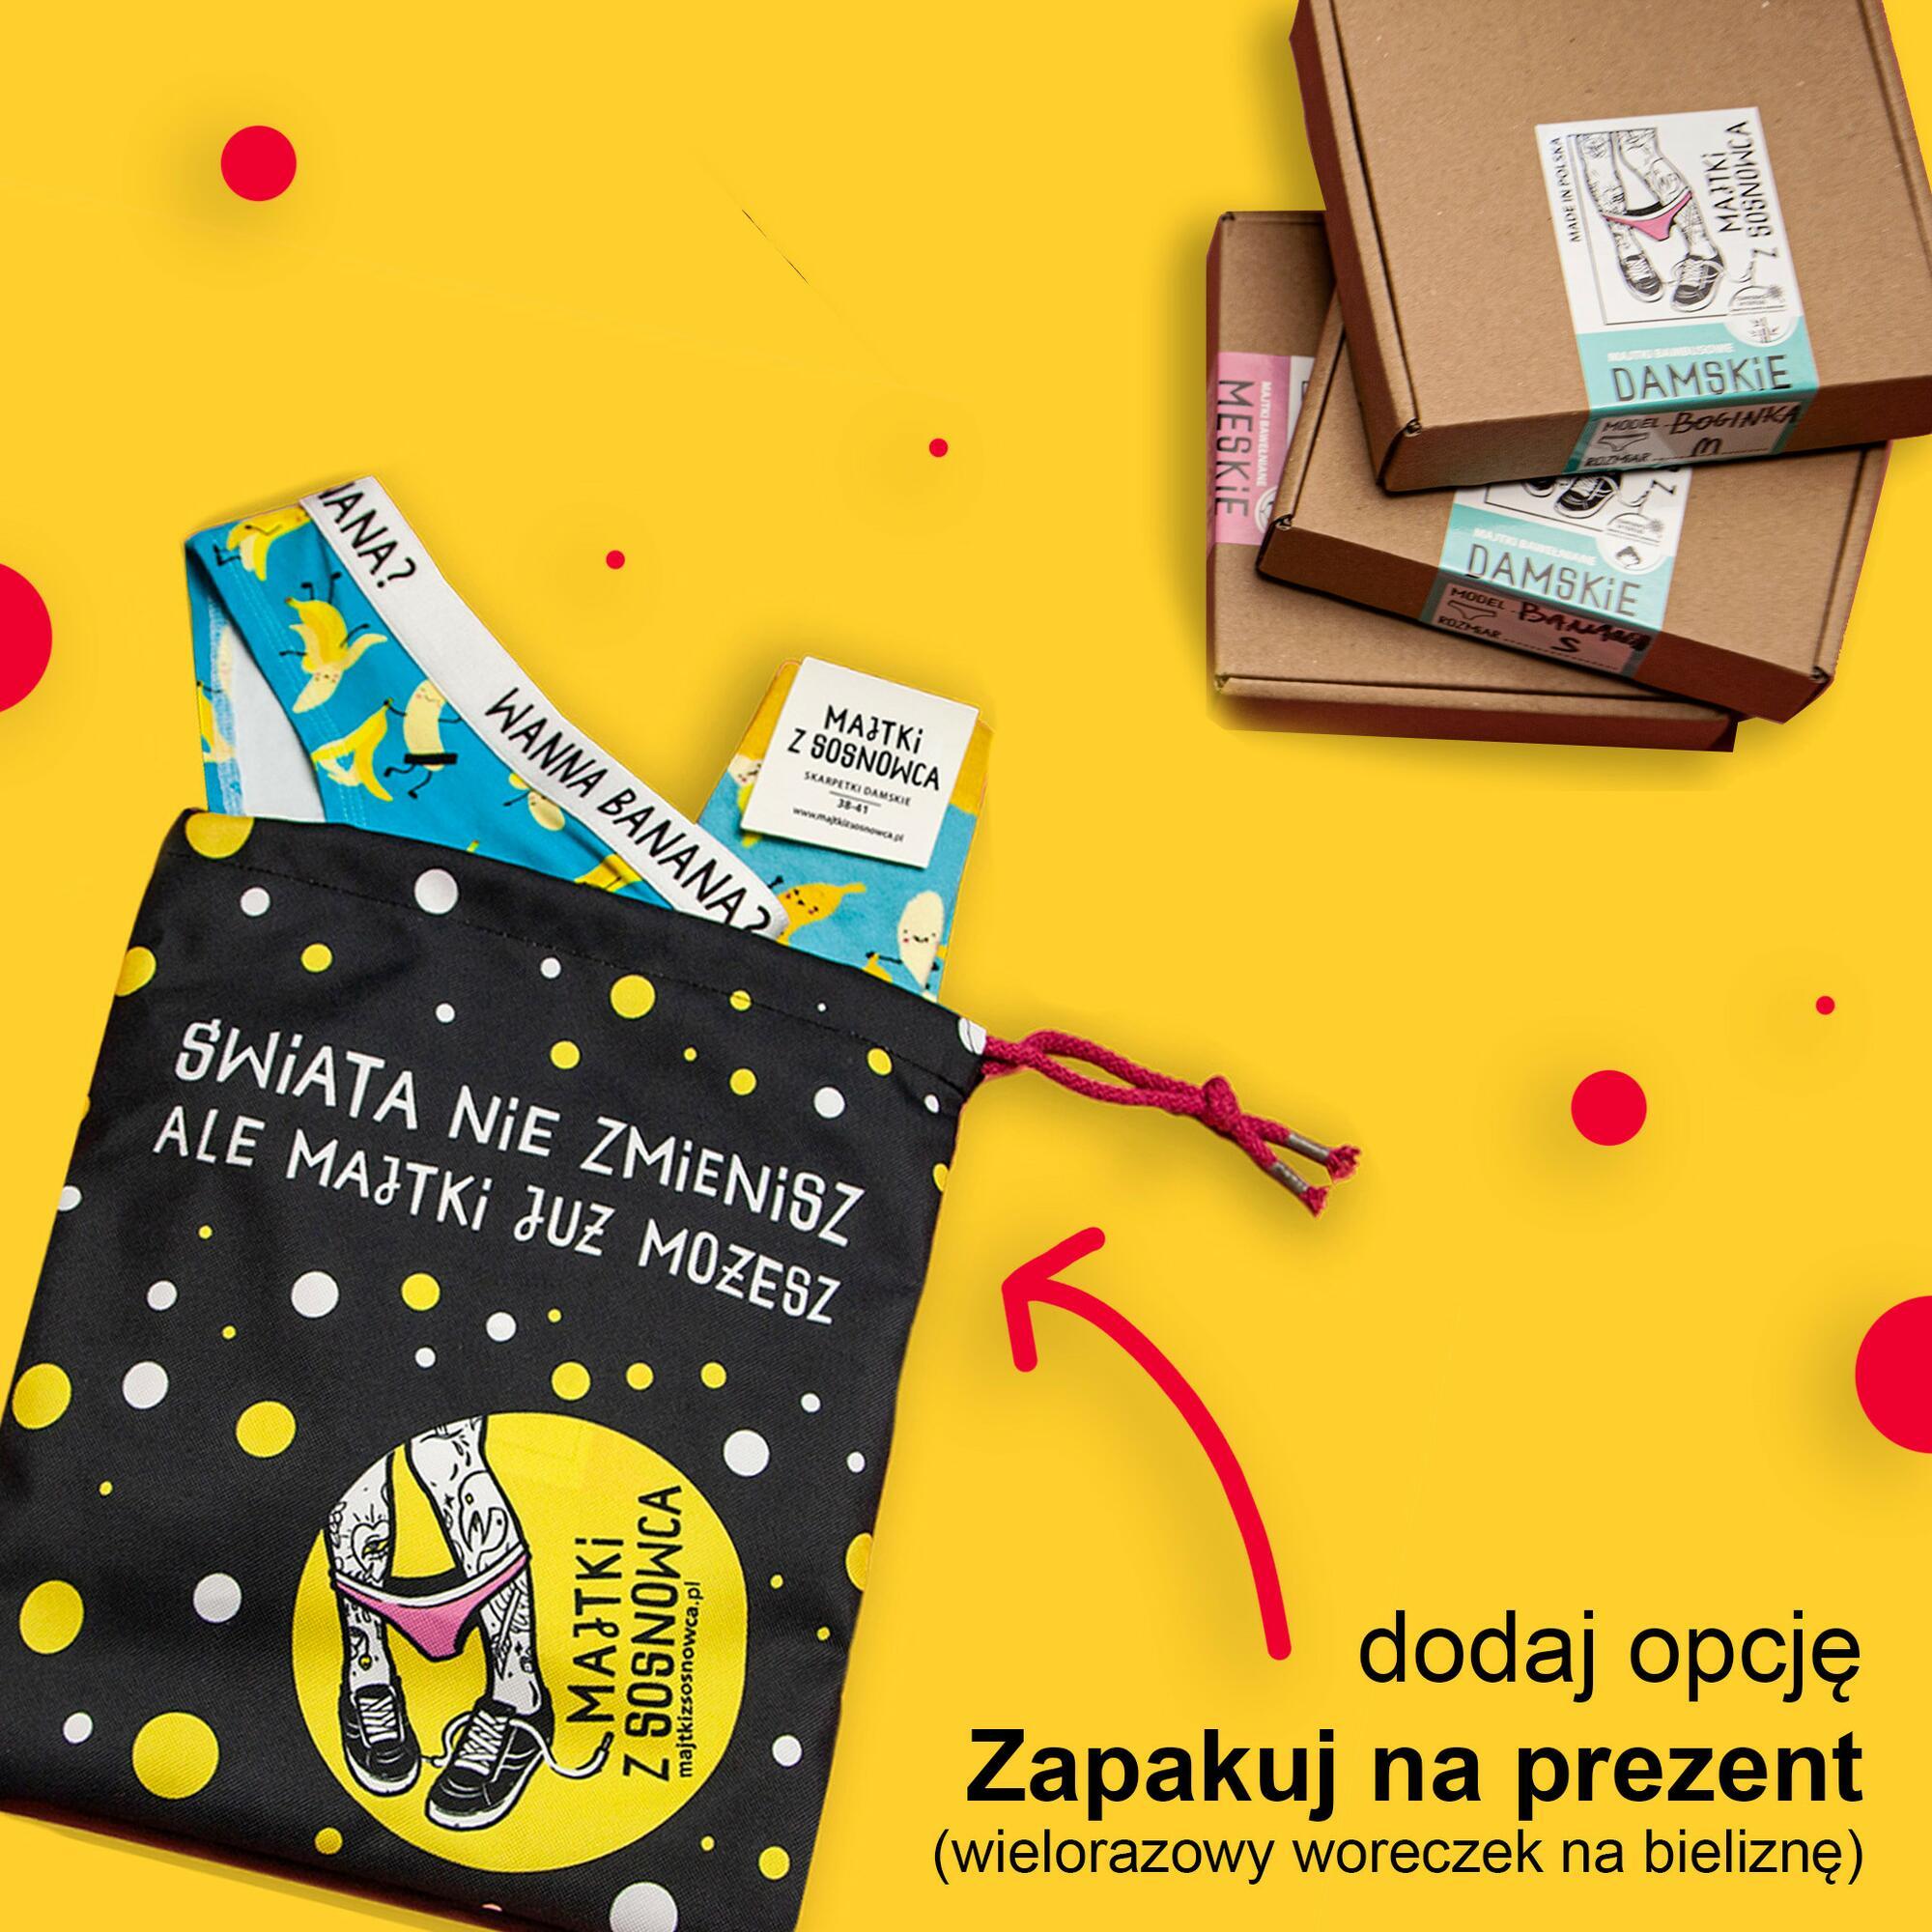 Majtki starej panny - figi bambusowe damskie - Majtki z Sosnowca by After Panty   JestemSlow.pl